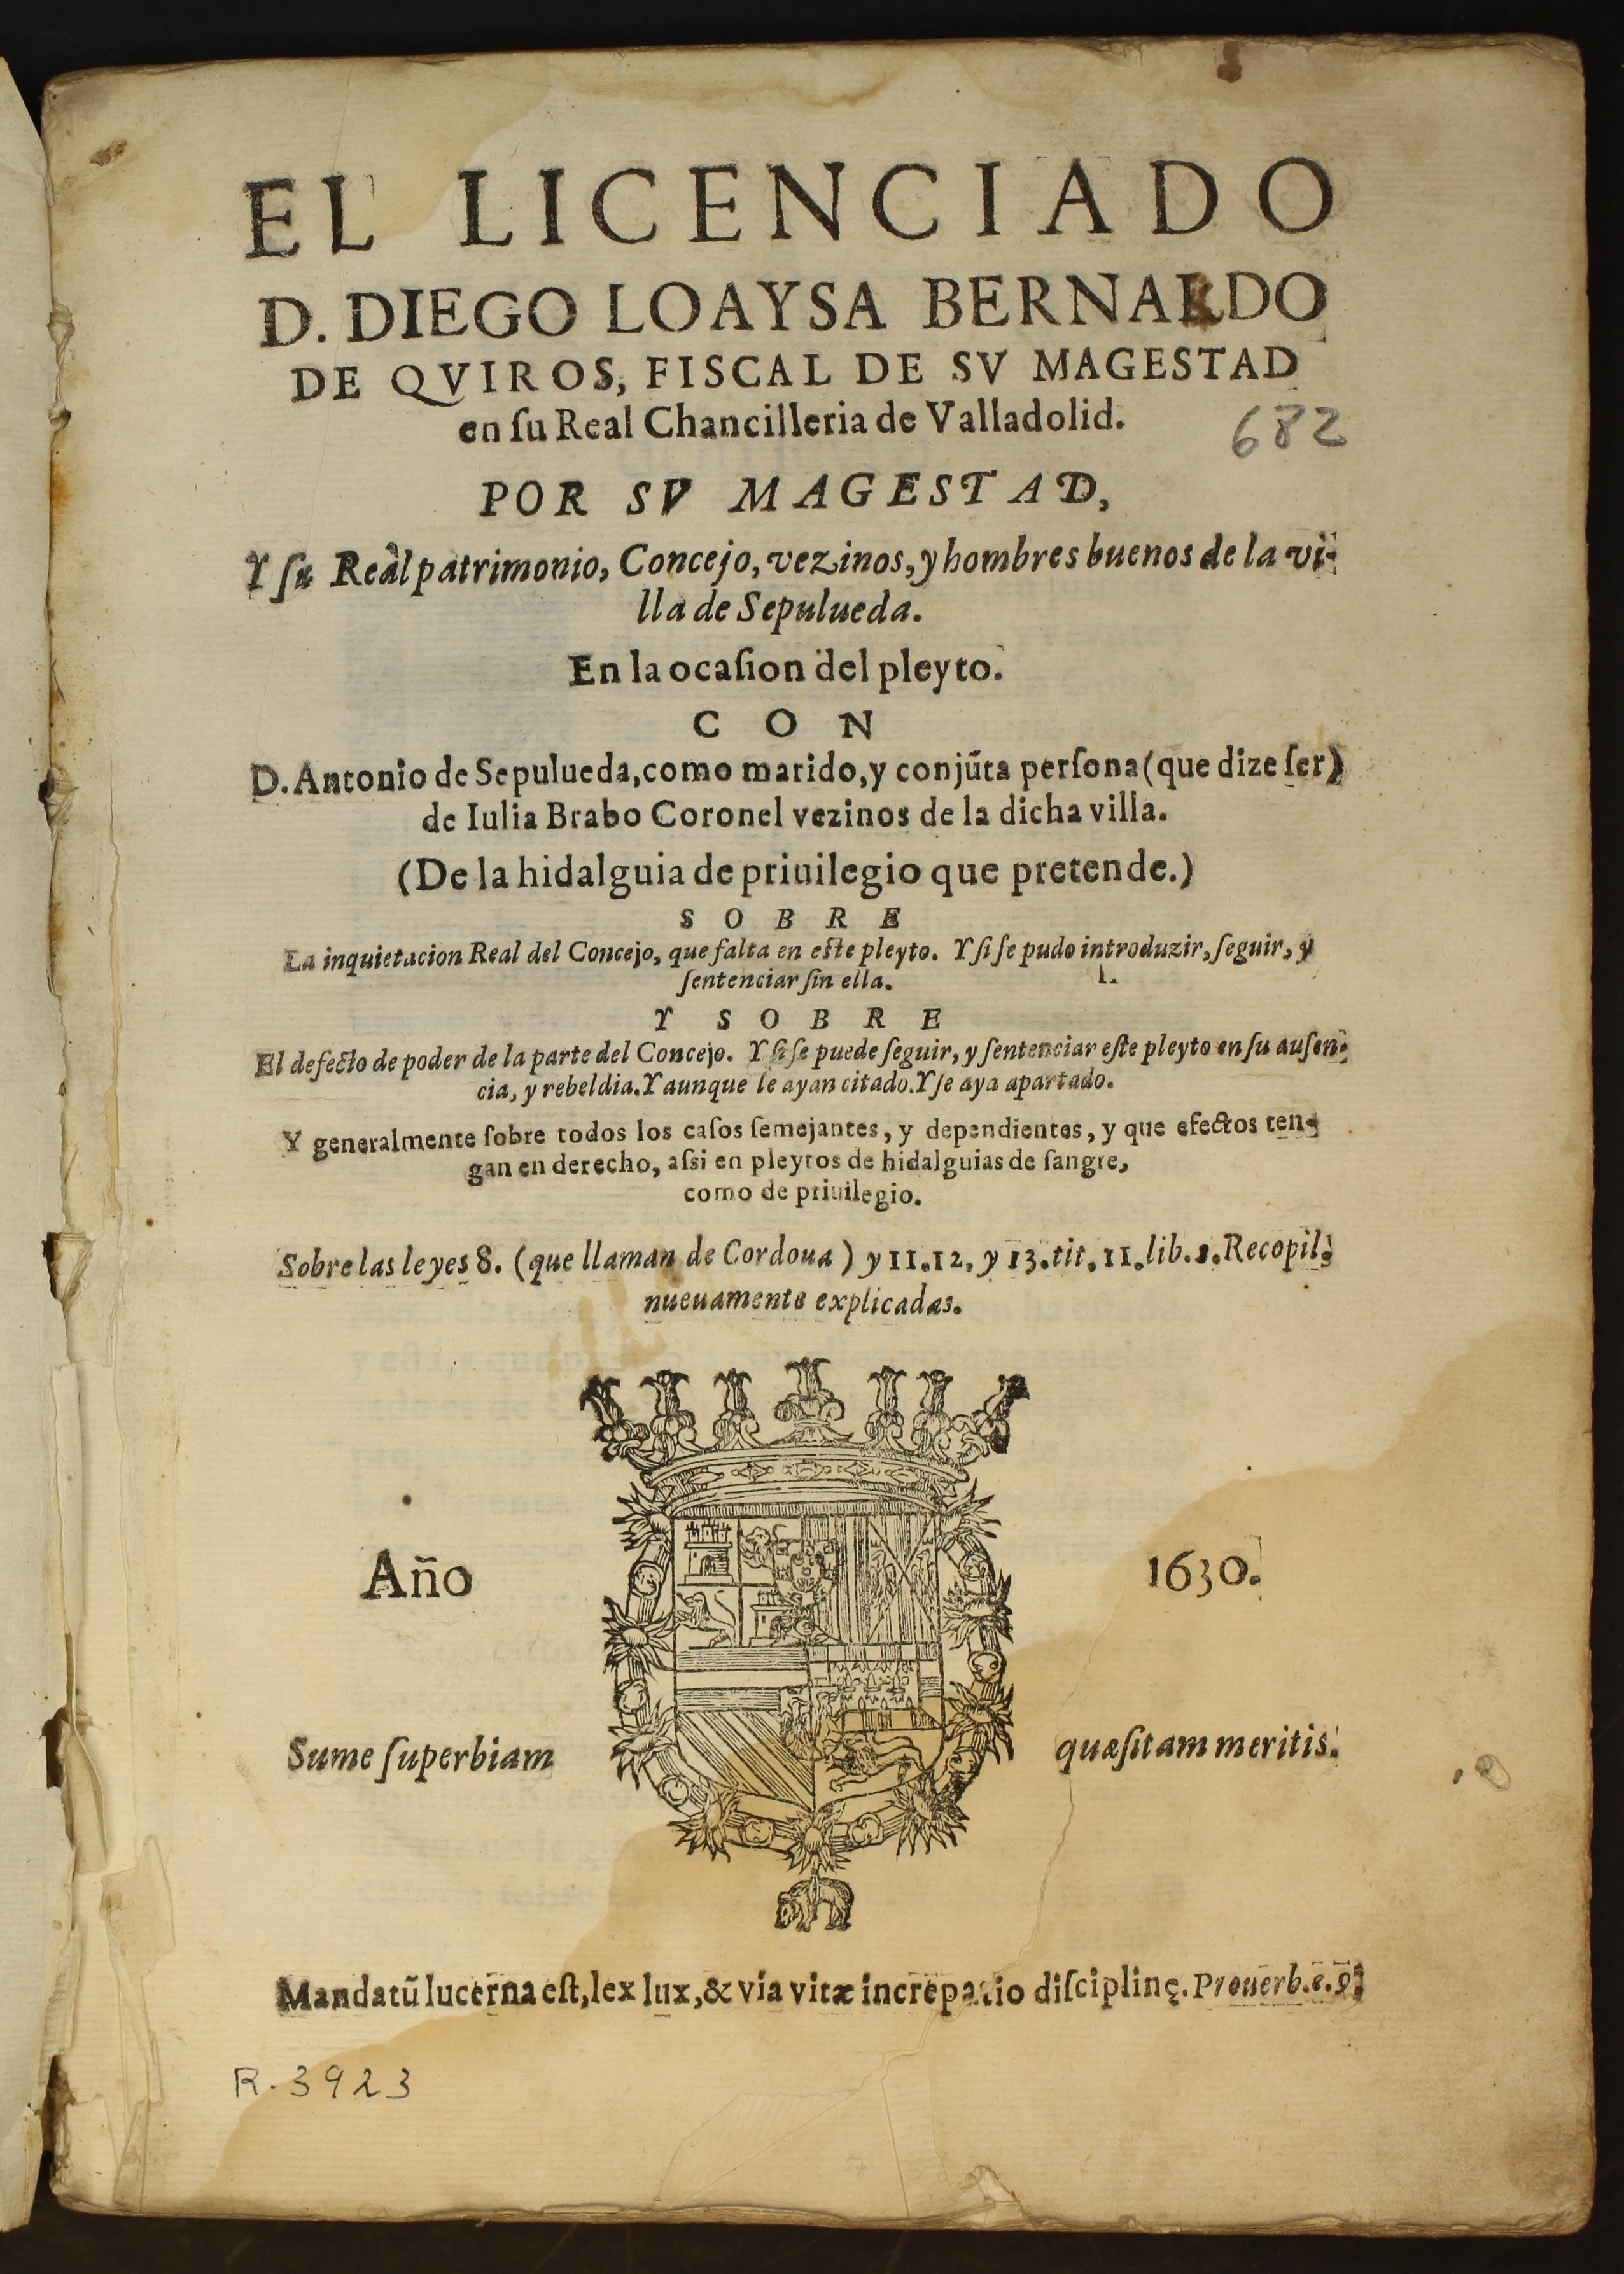 El licenciado D. Diego Loaysa... pleito con D. Antonio de Sepulueda, 1630